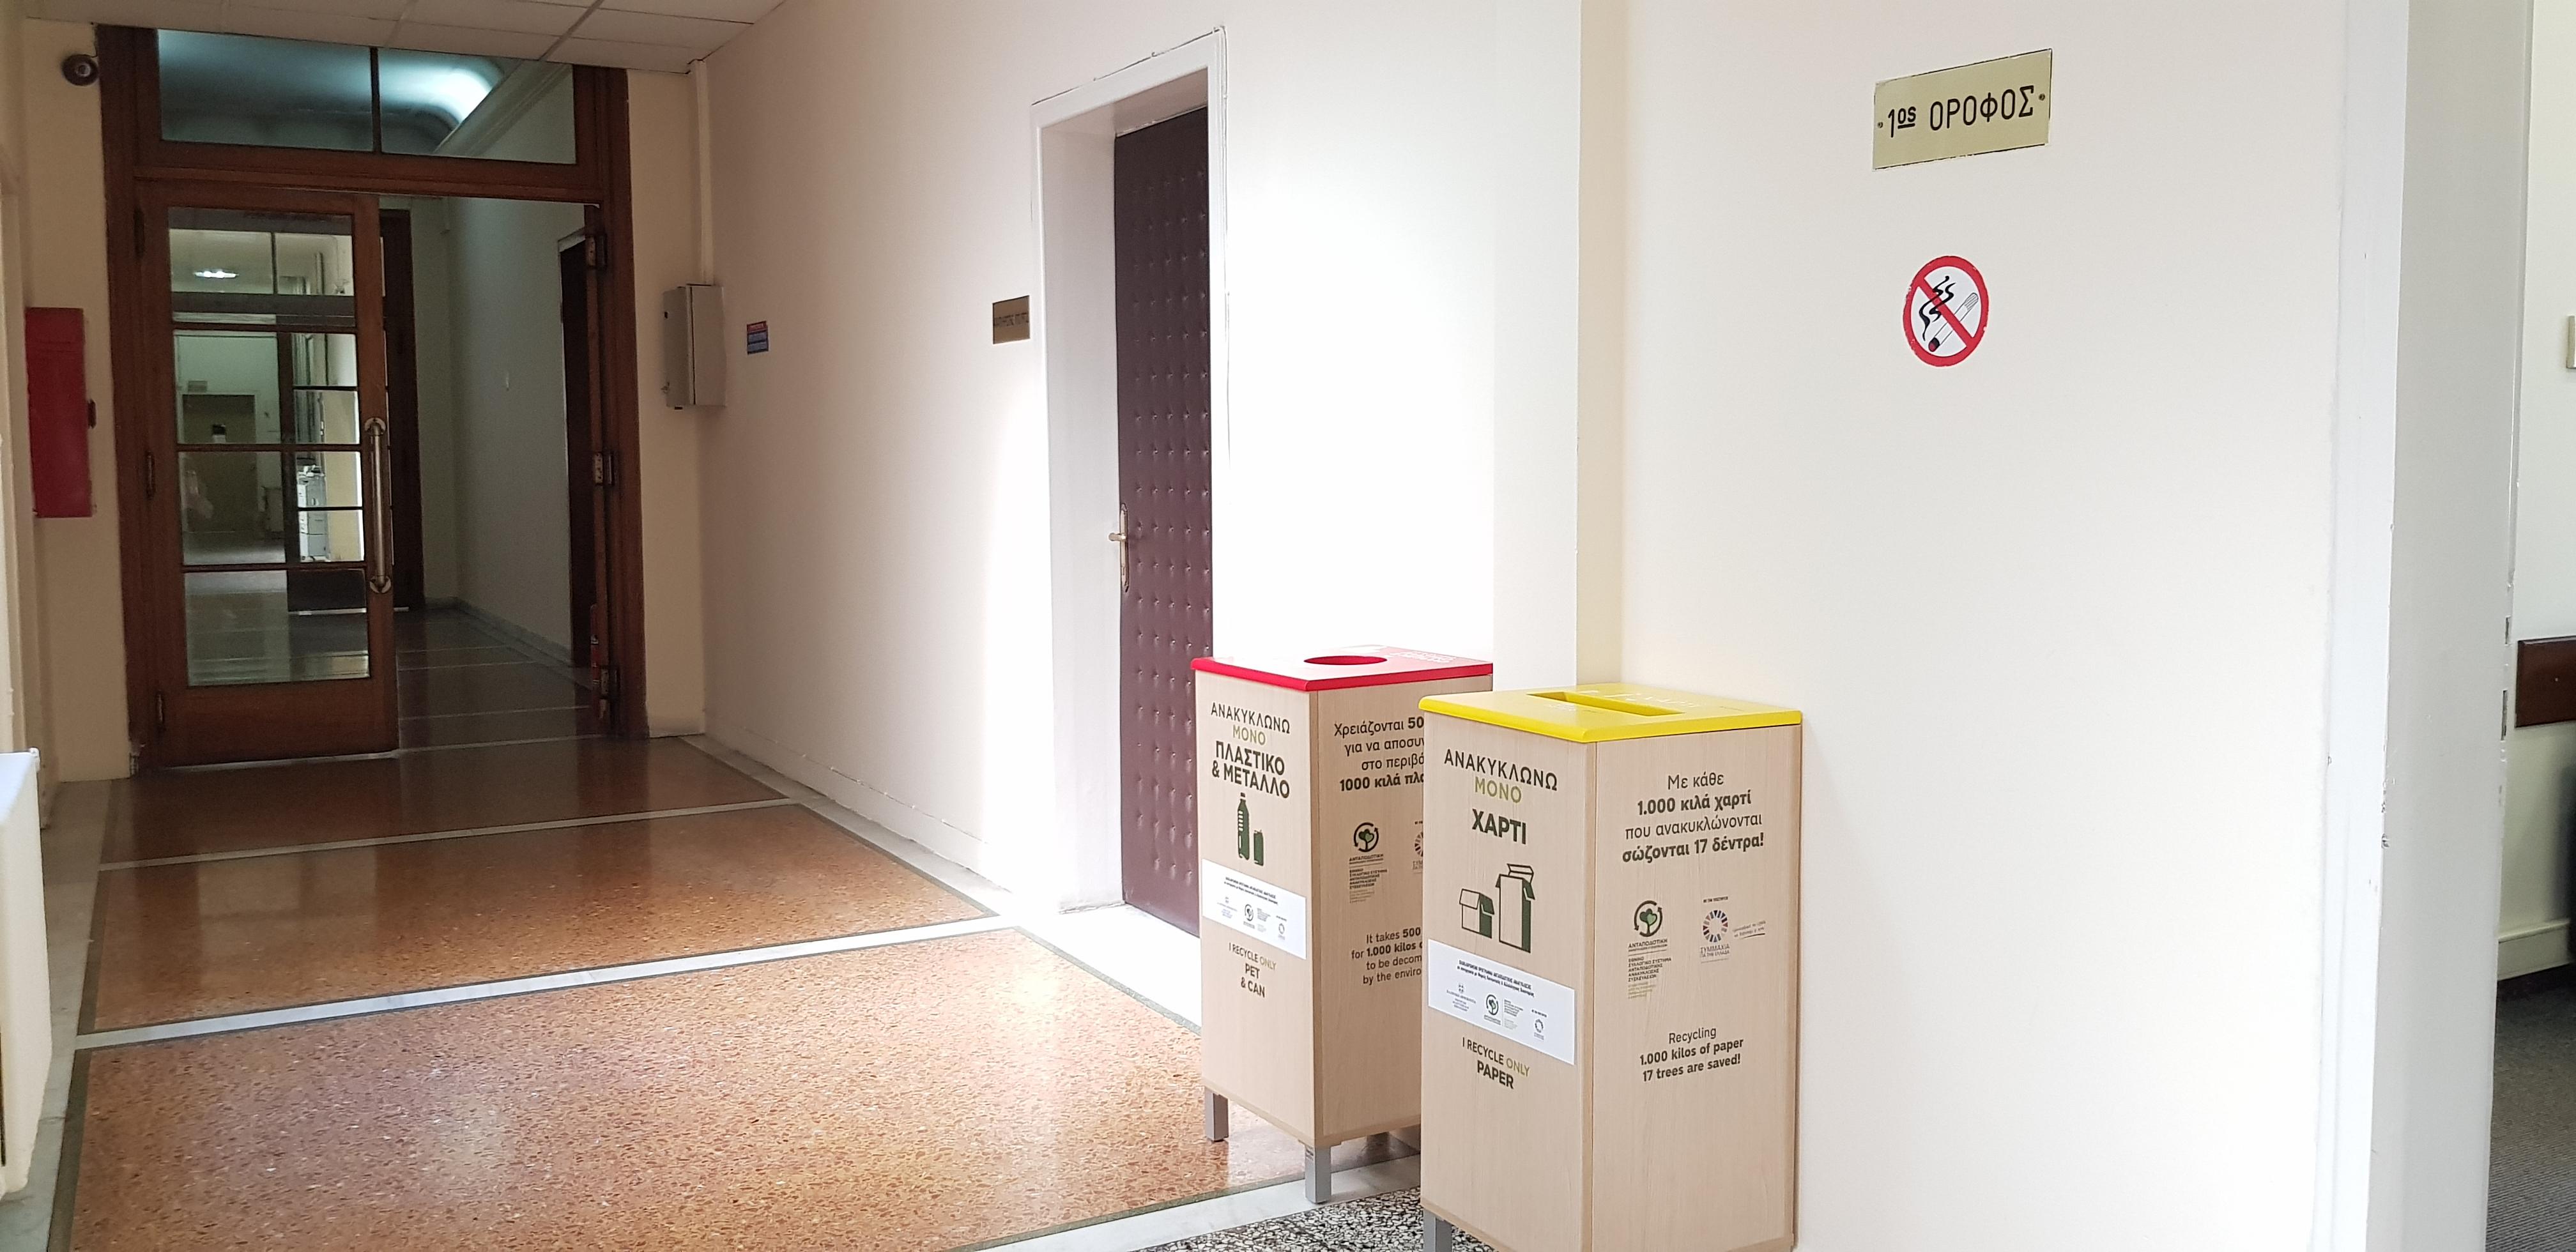 Πρόγραμμα ανακύκλωσης στο Υπουργείο Ανάπτυξης & Επενδύσεων